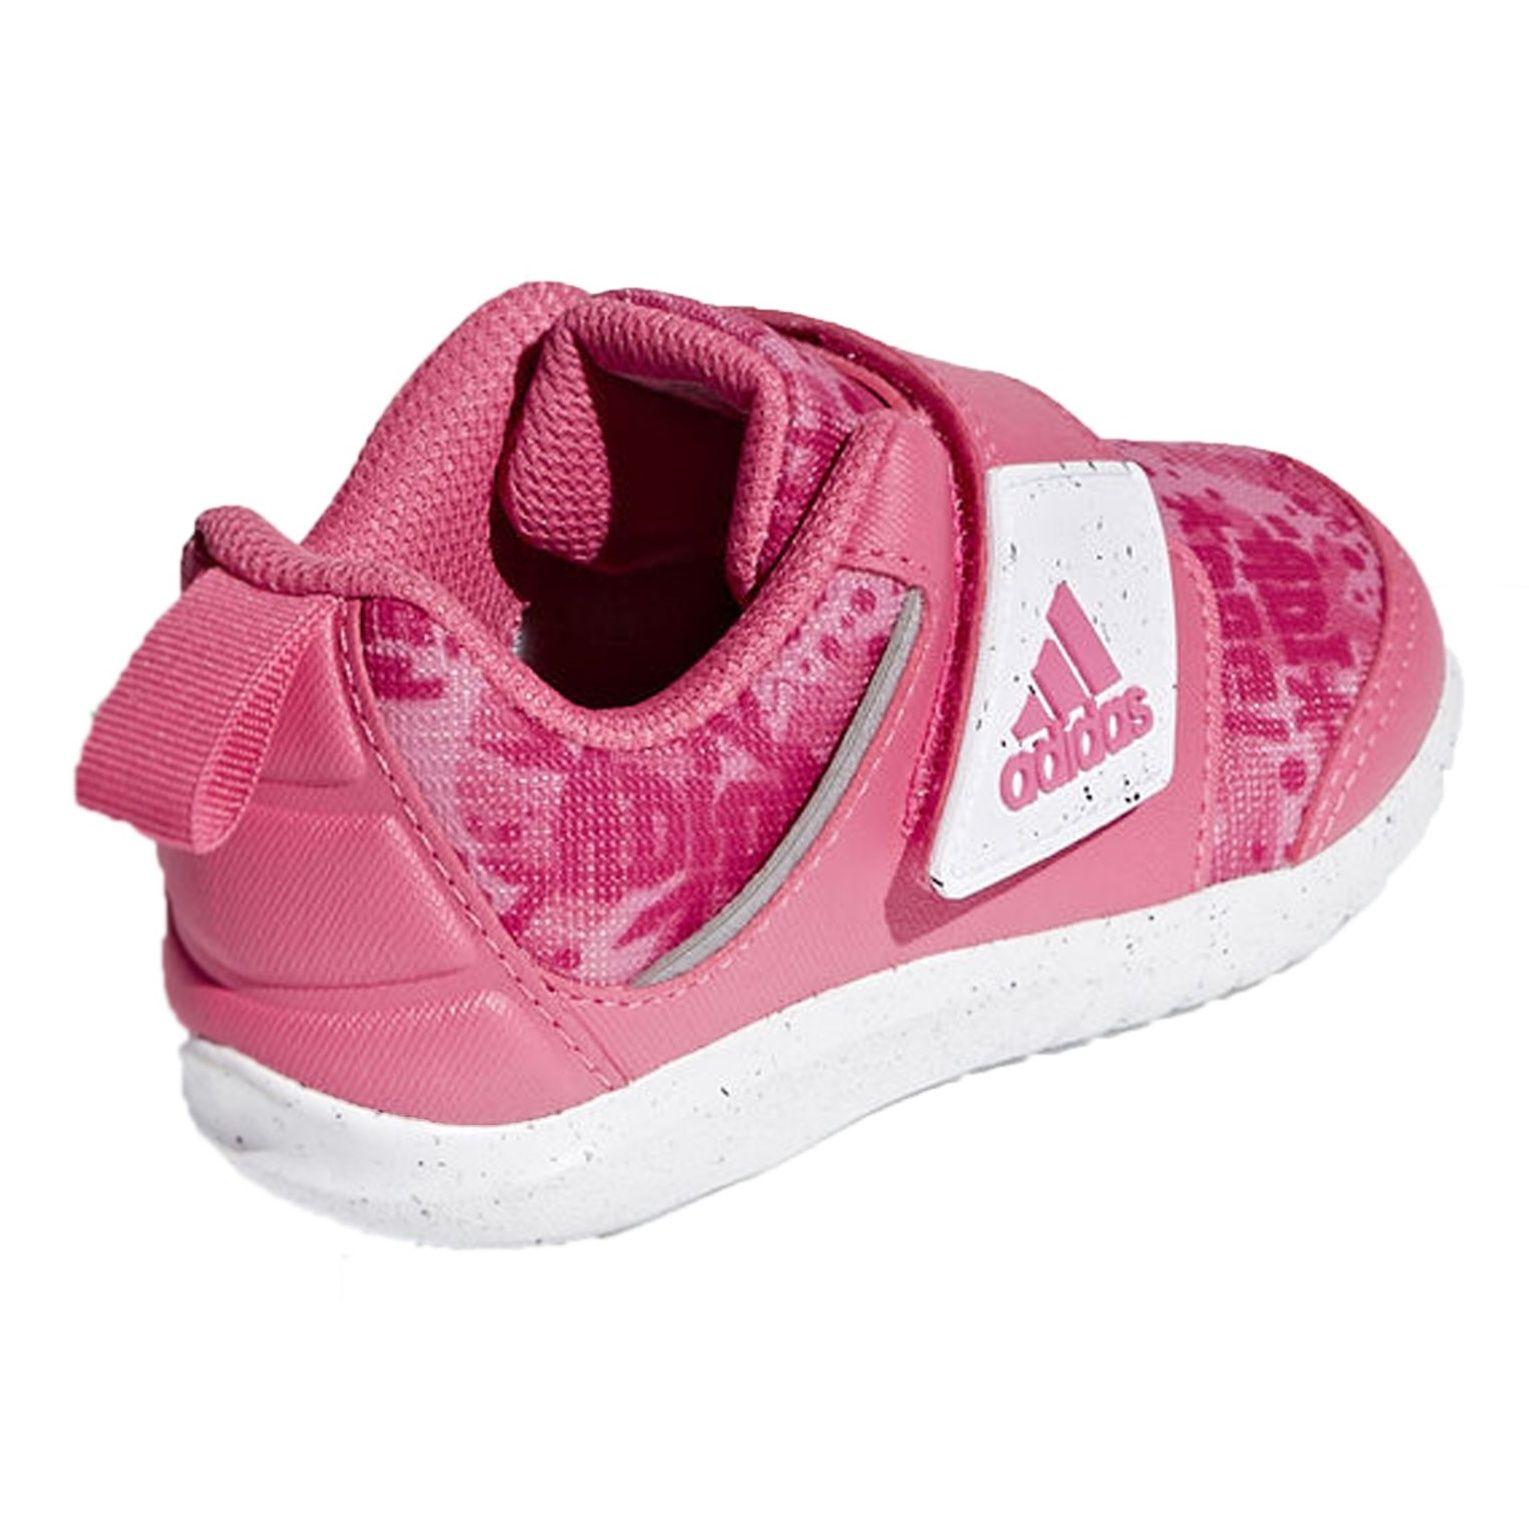 کفش تمرین چسبی دخترانه FortaPlay - آدیداس - صورتی - 4